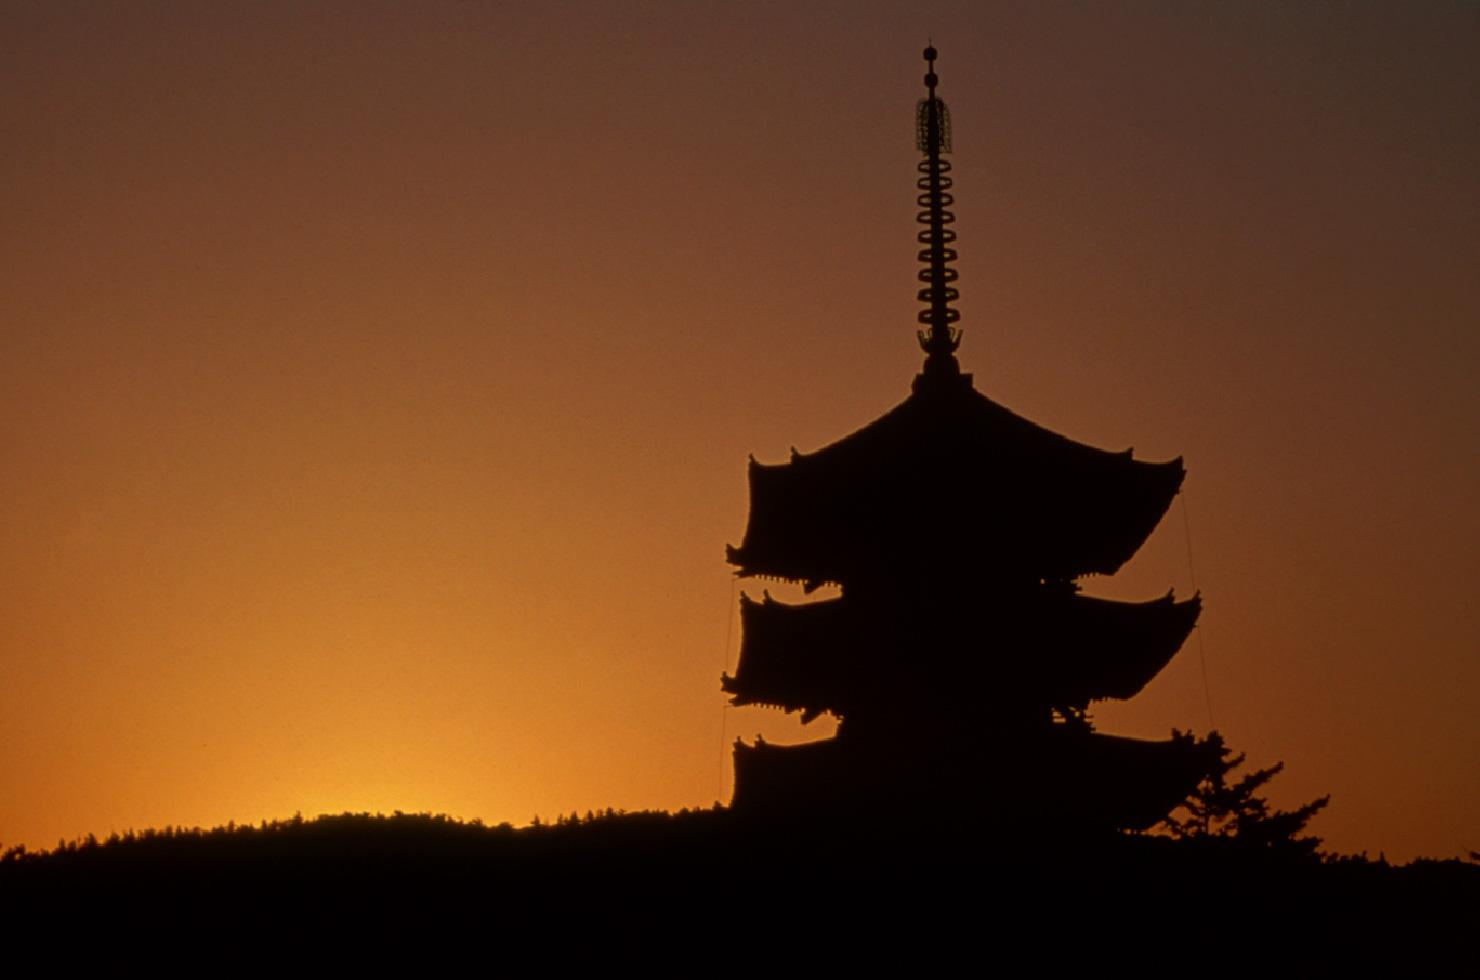 鮮やかな朝焼けと興福寺のシルエットが織りなす景色